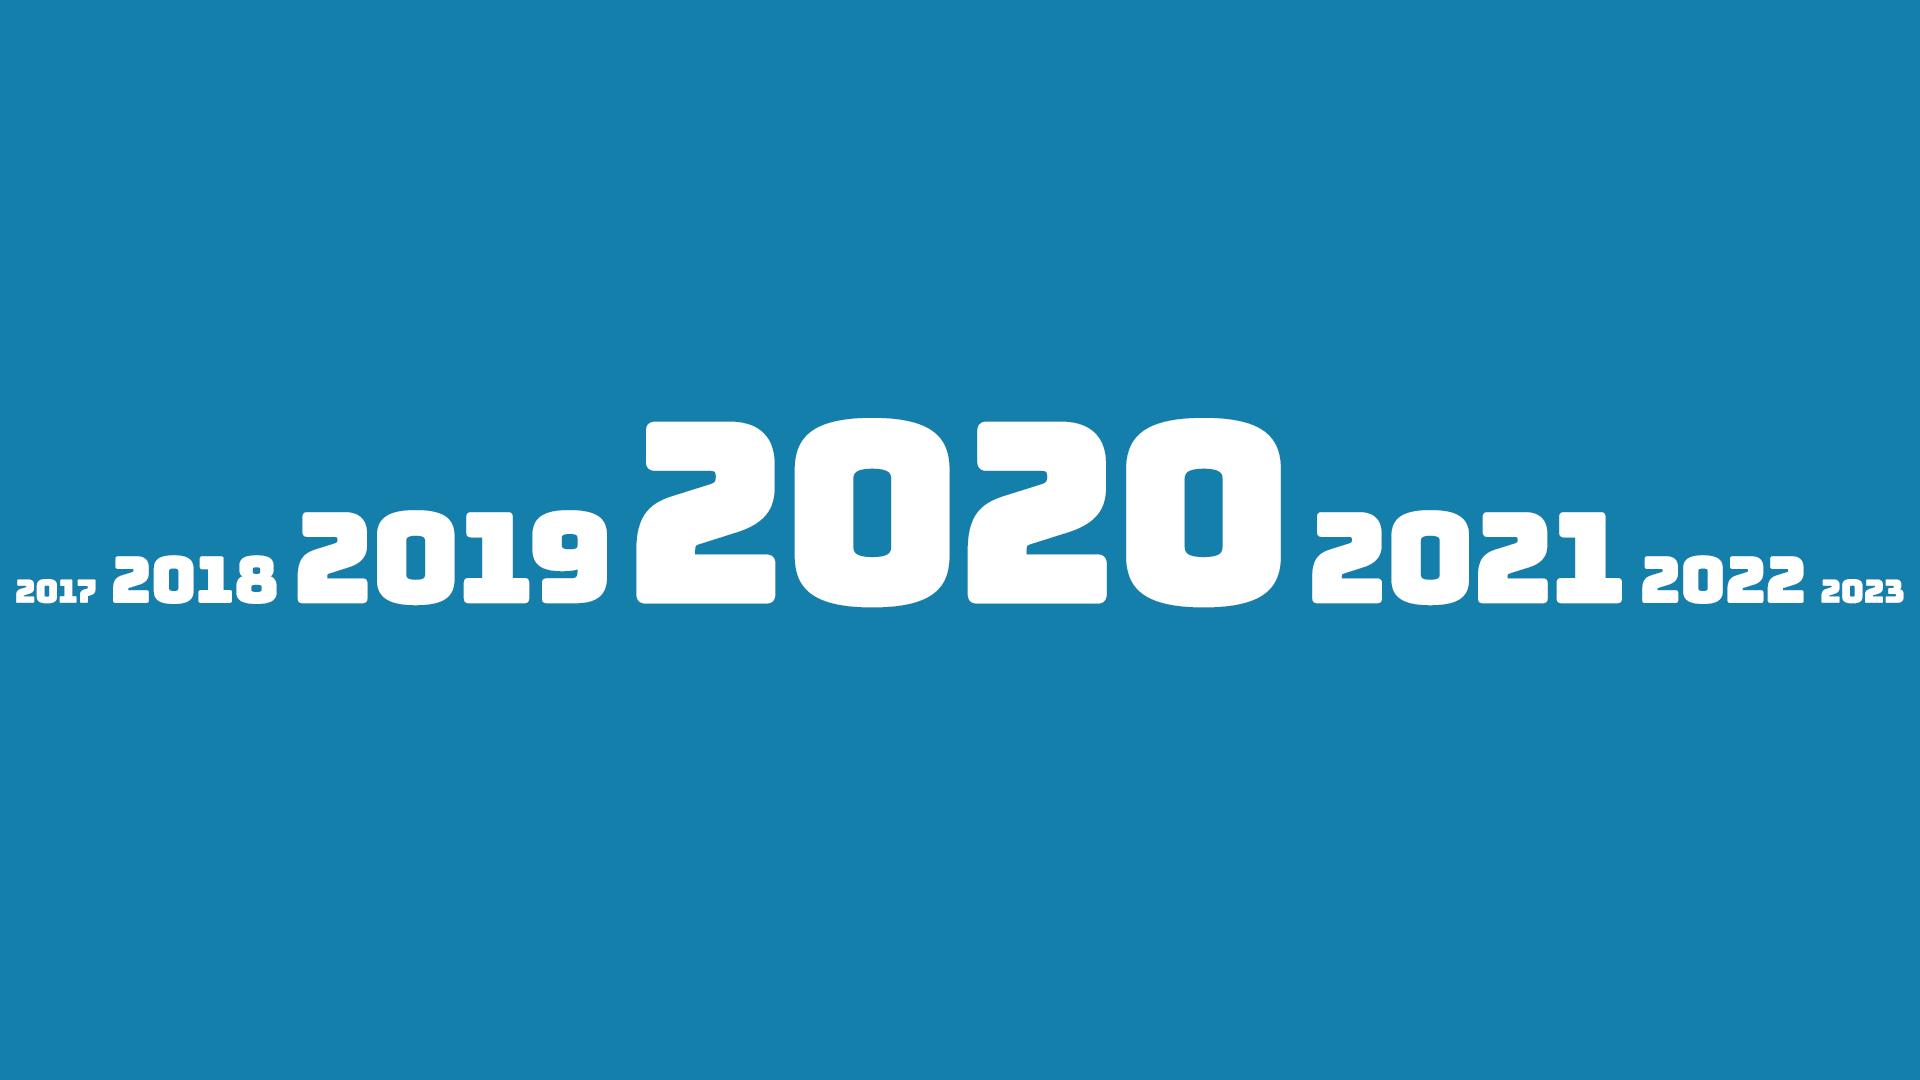 Co rok 2020 zmienił na lepsze?